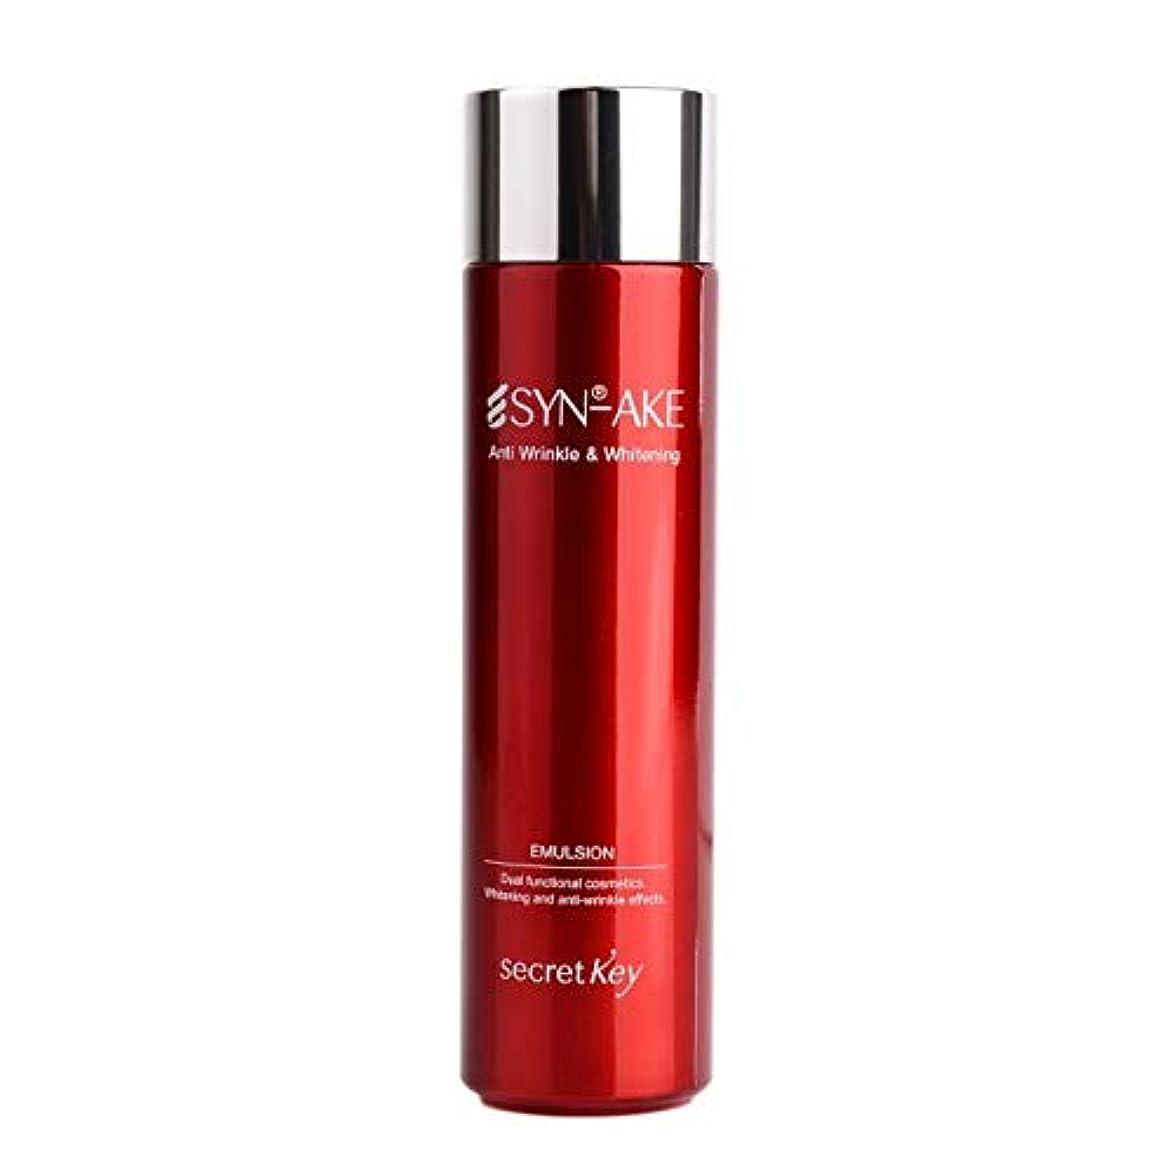 天邪魔光のSecret Keyシークレットキーシンアケアンチリンクルホワイトニングエマルジョン150ml韓国の人気化粧品ブランドの人気ローション水分補給肌の保湿乾燥